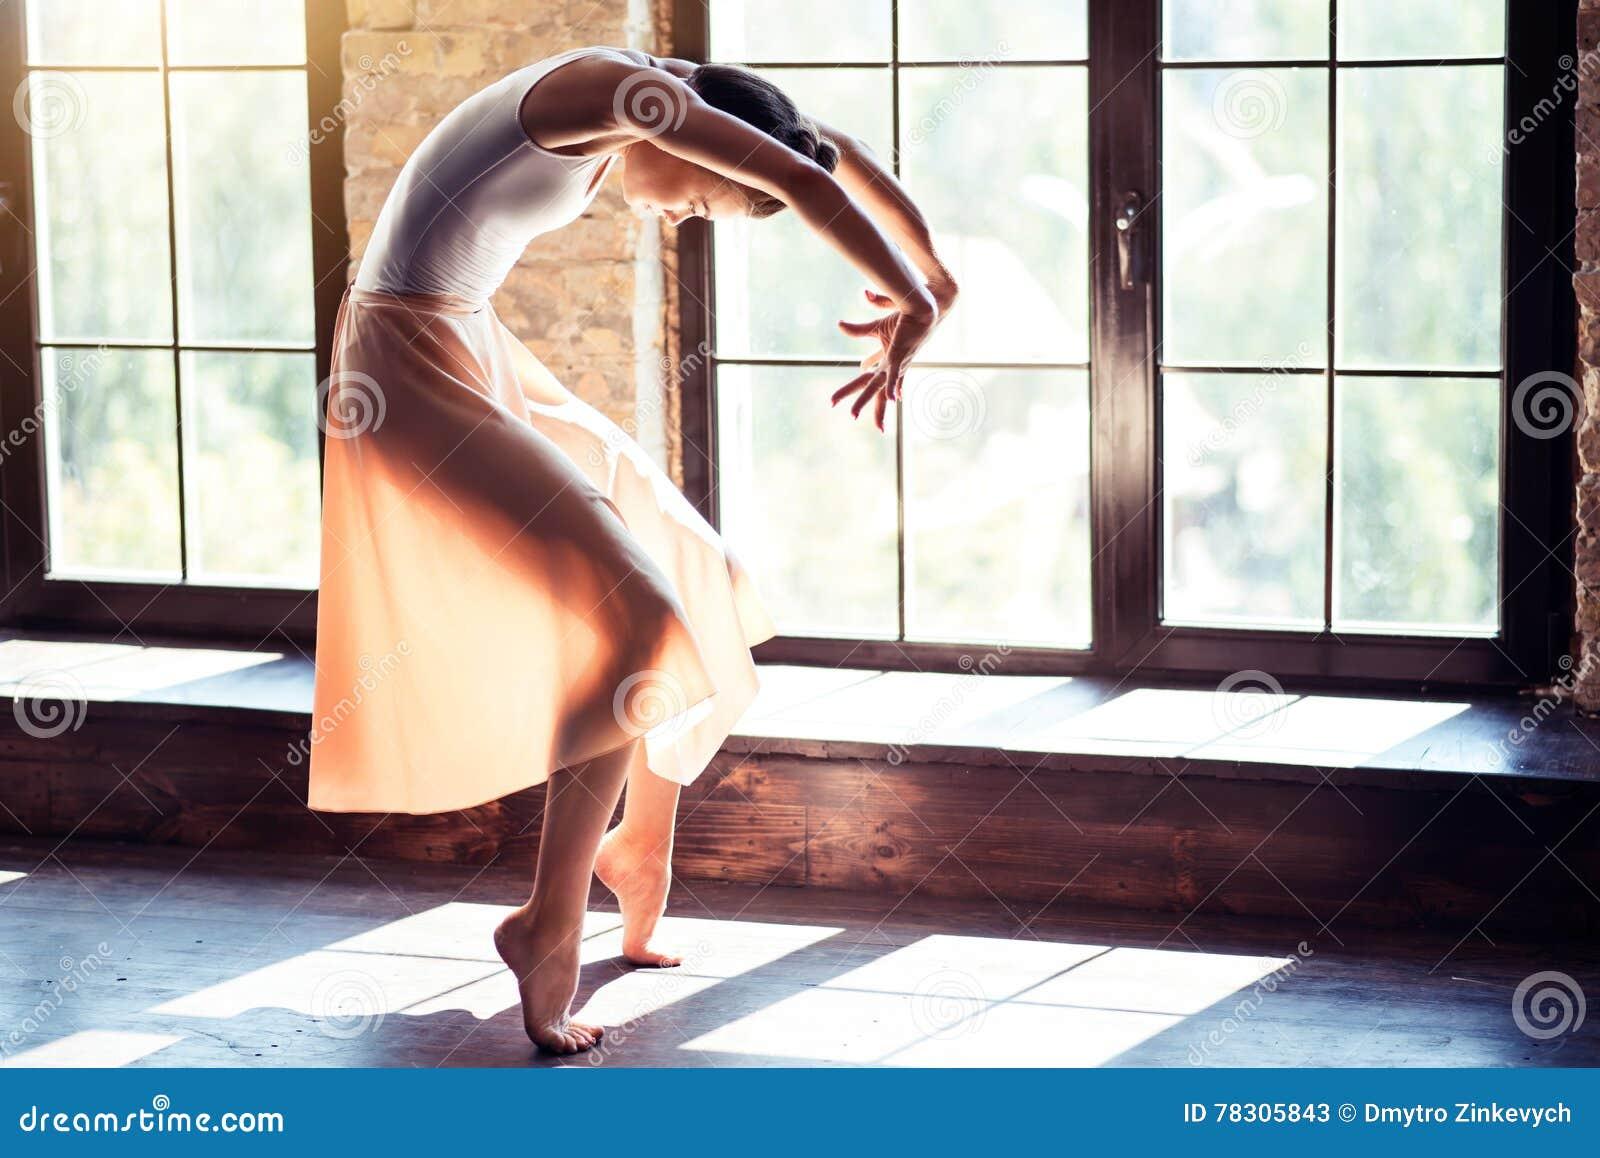 Junge Ballerina, die ihren Tanz in einer Turnhalle probt